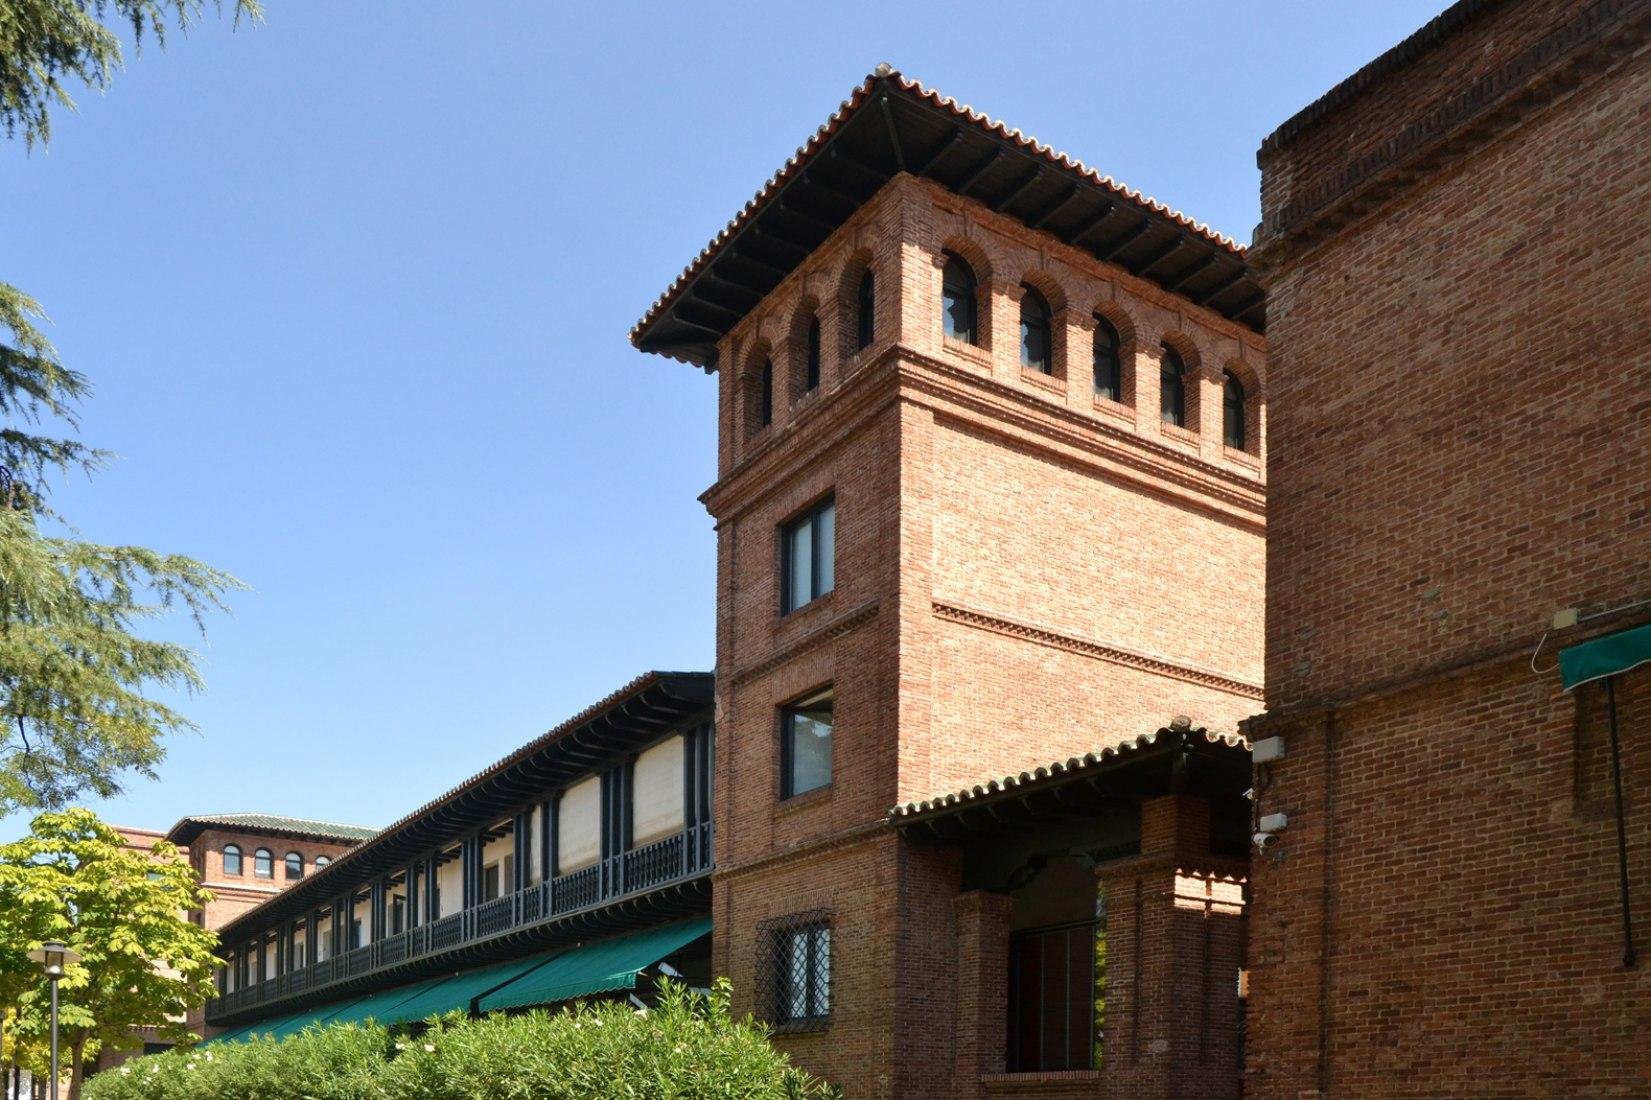 Residencia de Estudiantes de Madrid. Vista exterior del Pabellón Transatlántico. Fotografía © Álvaro Lamas/METALOCUS